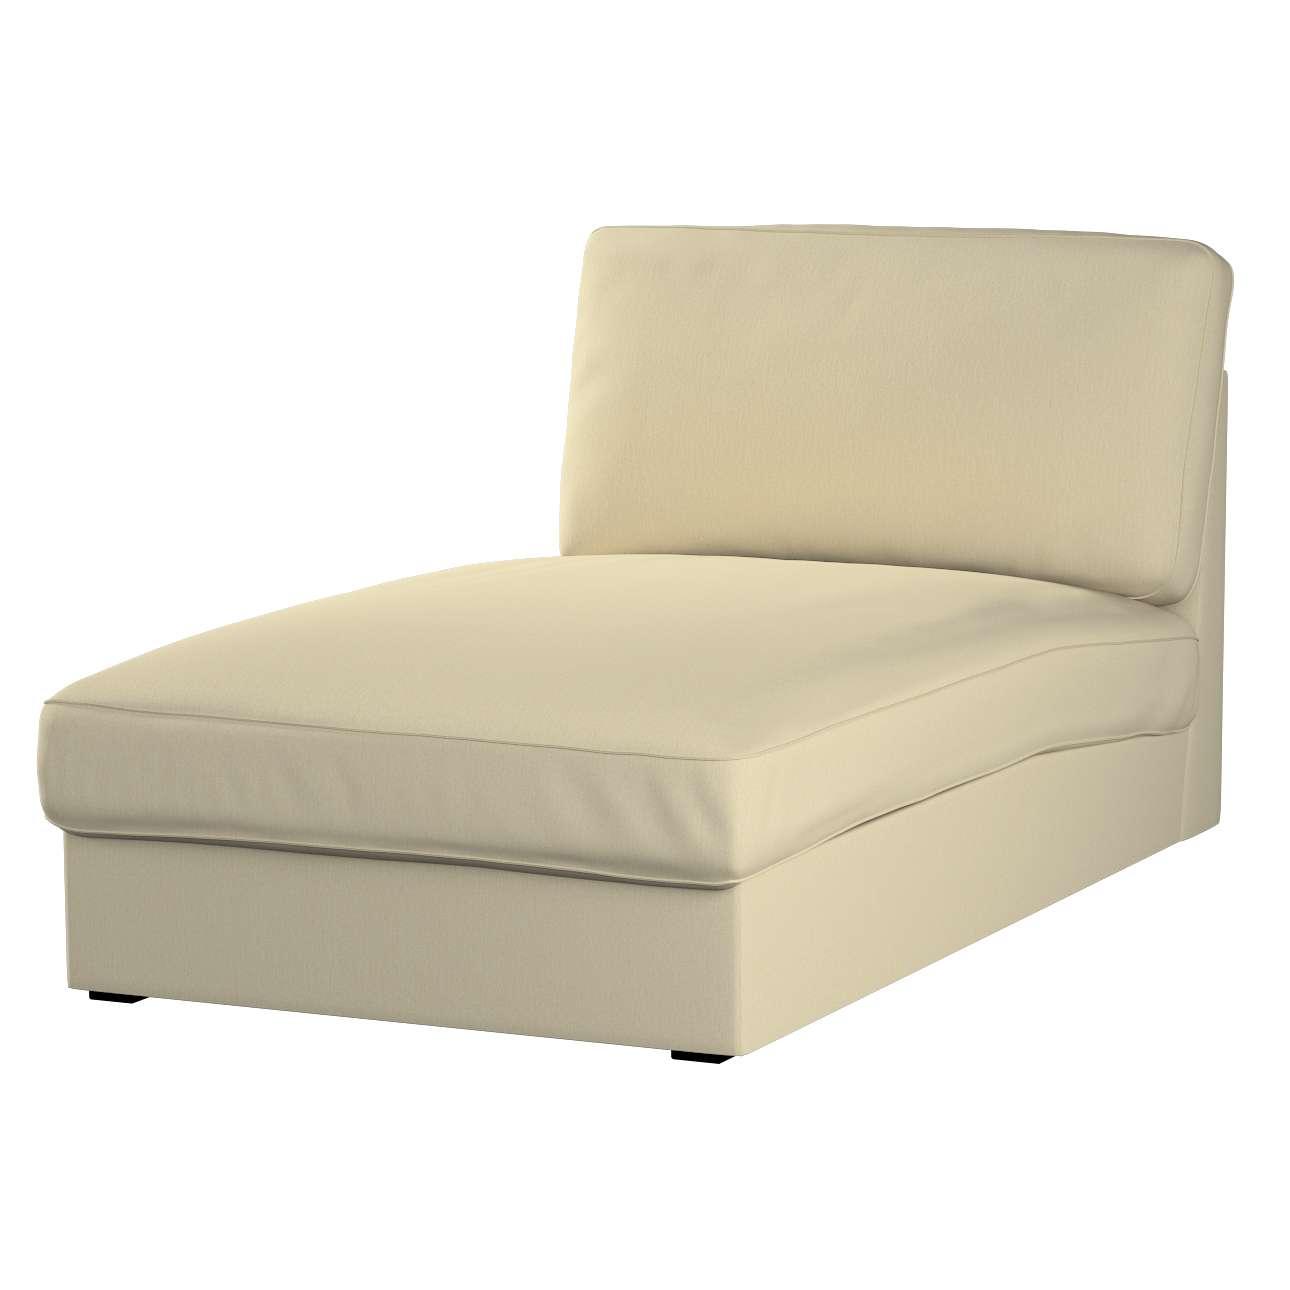 KIVIK gulimojo krėslo užvalkalas Kivik chaise longue kolekcijoje Chenille, audinys: 702-22